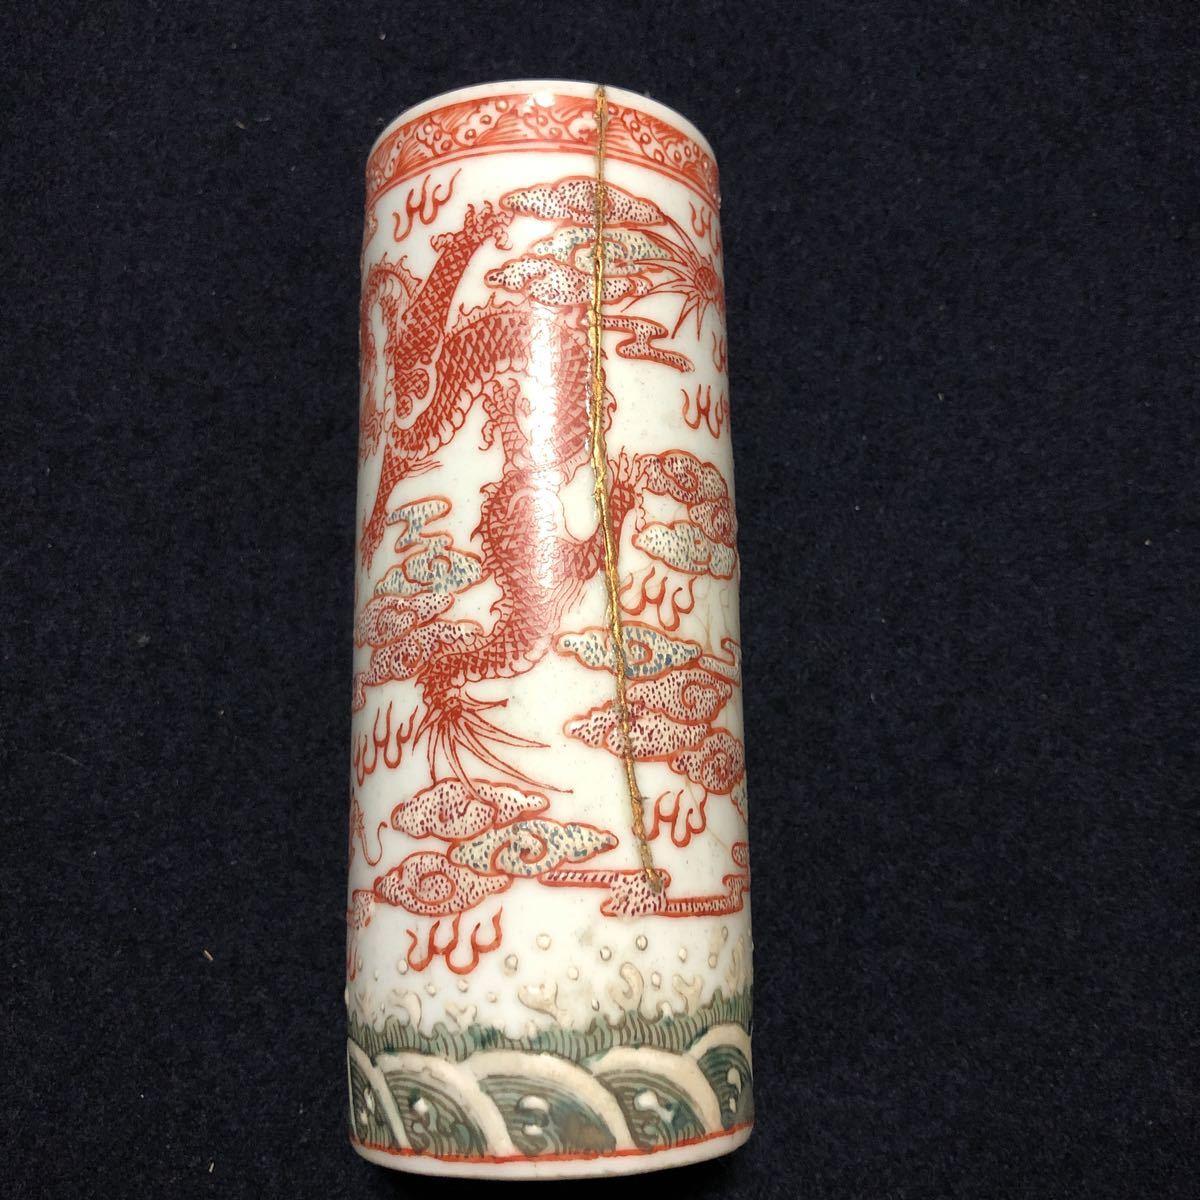 中国 古美術 古玩 在銘 慎德堂製 粉彩筆筒 龍紋 書道具 筆入れ(ゆうパック着払い)_画像3